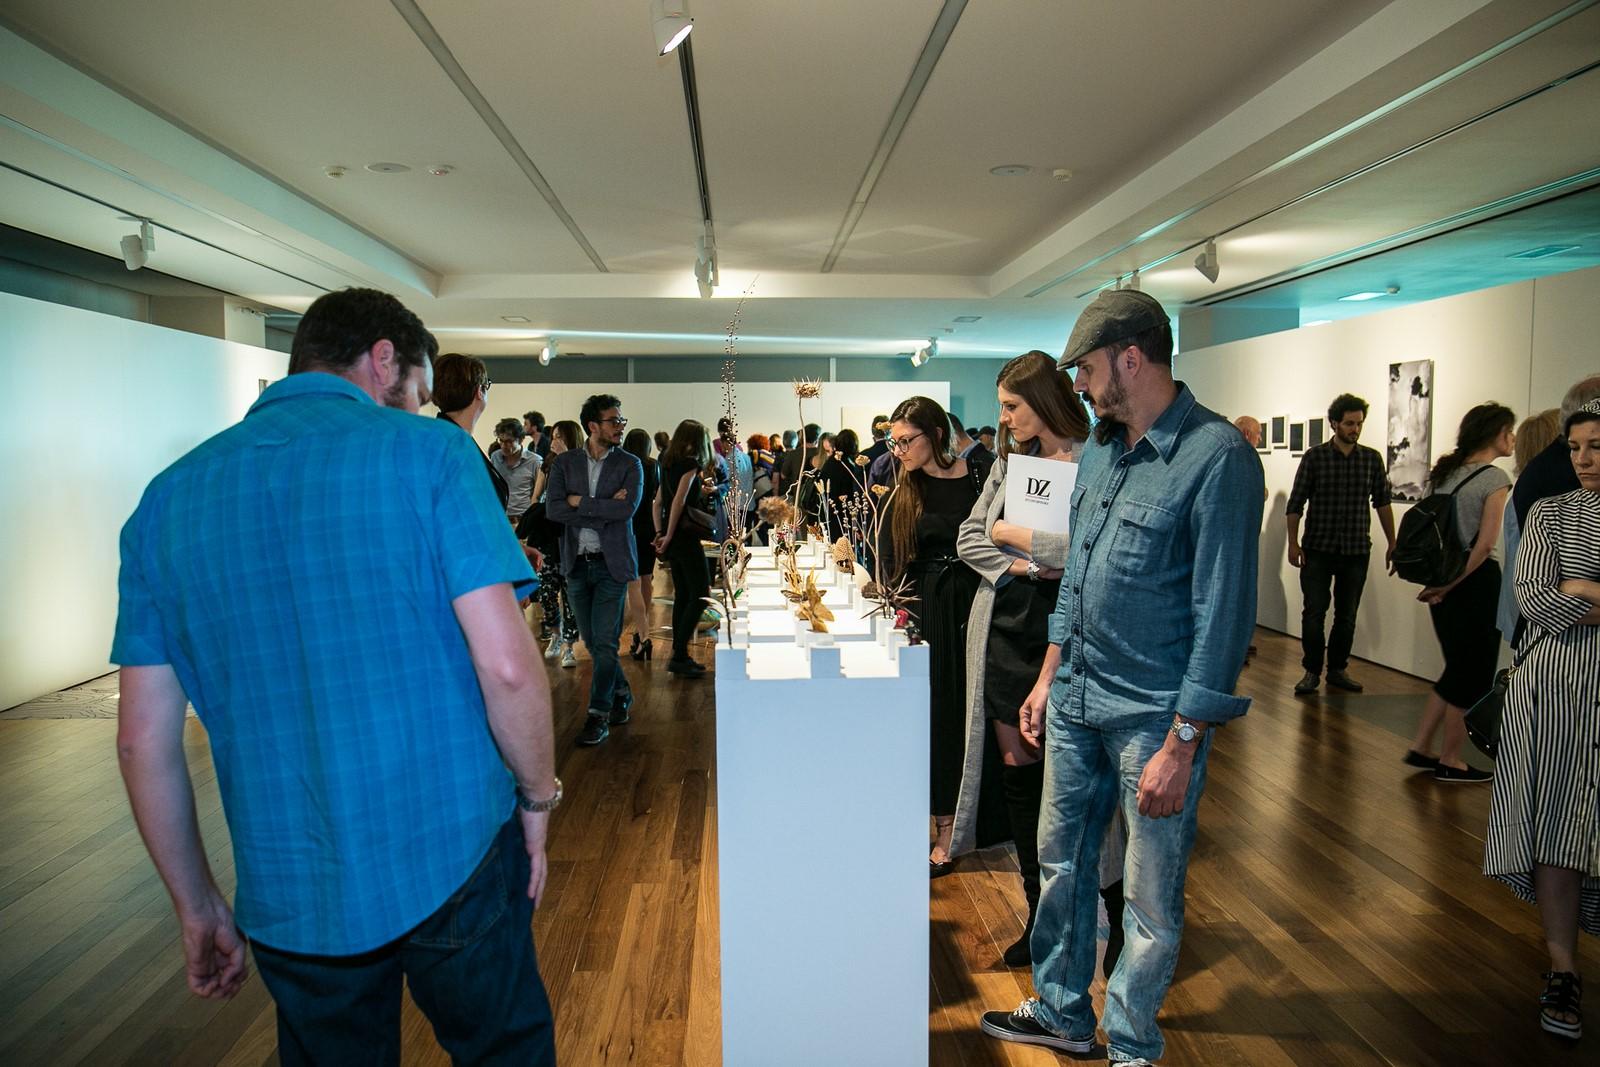 Arteam Cup 2018, opening, Fondazione Zoli, Forlì. Foto: Cristina Patuelli